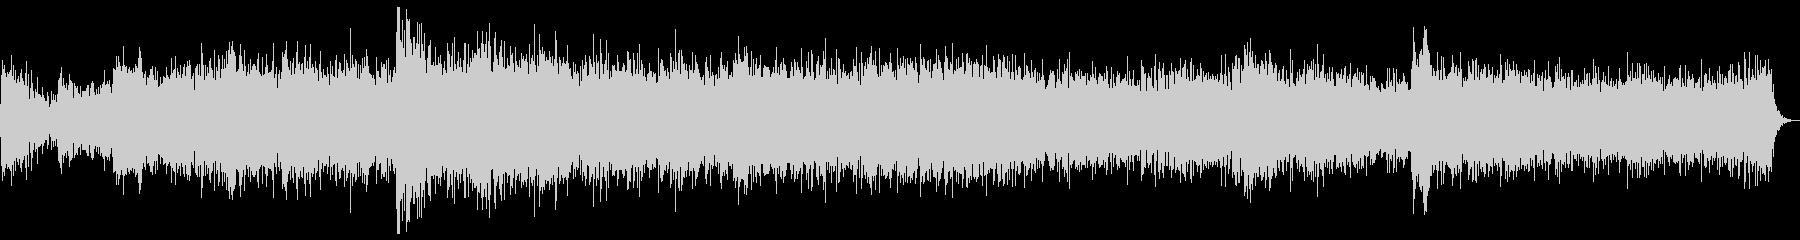 スマホ、PCっぽい起動音1の未再生の波形